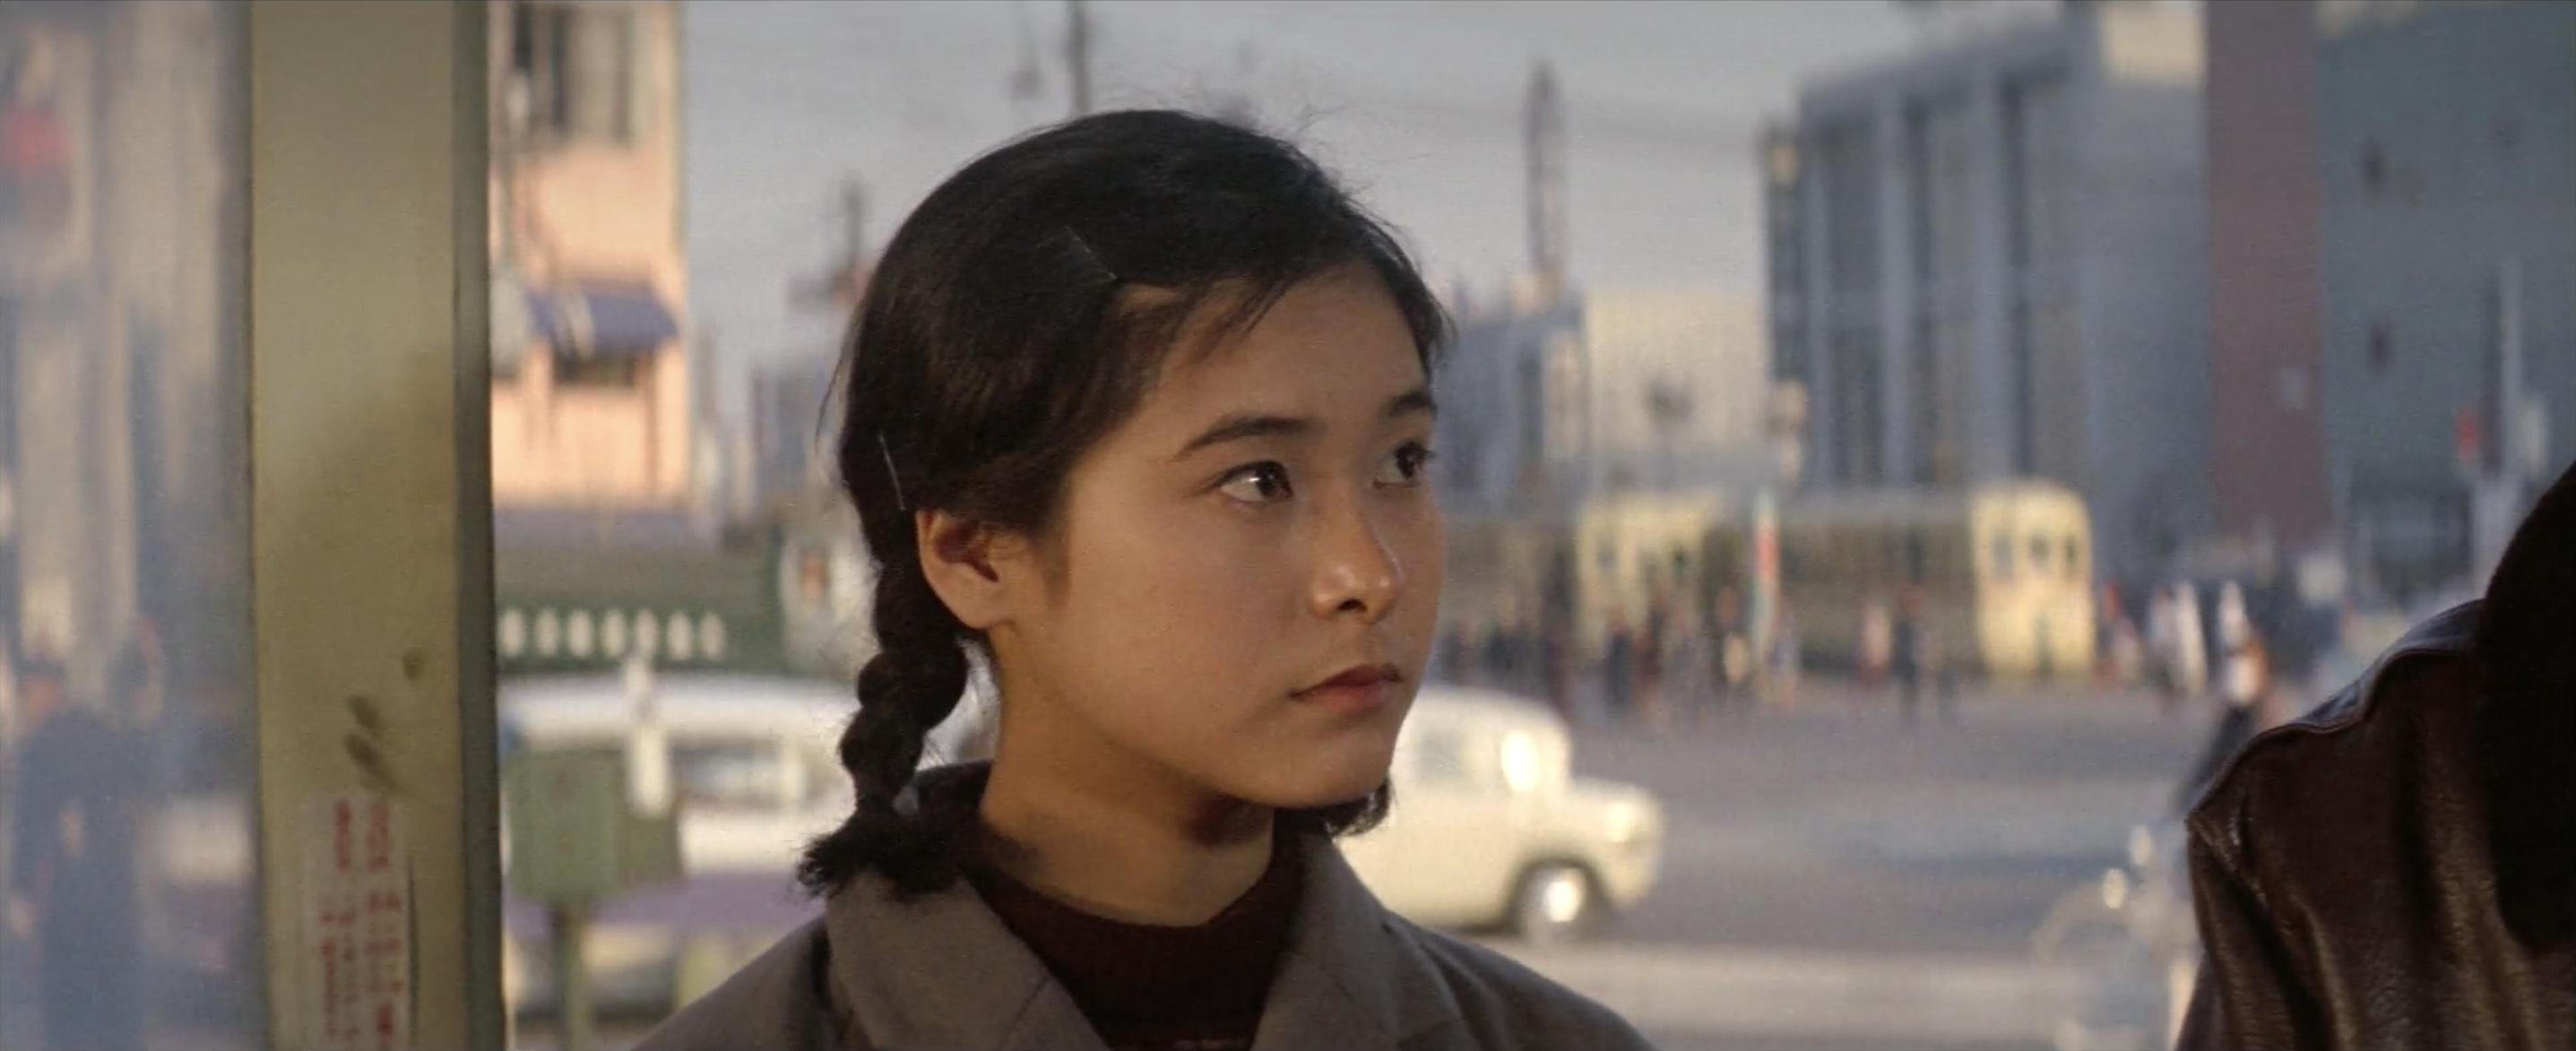 西尾三枝子(Mieko Nishio)「美しい十代」(1964)《前編》_e0042361_21090822.jpg